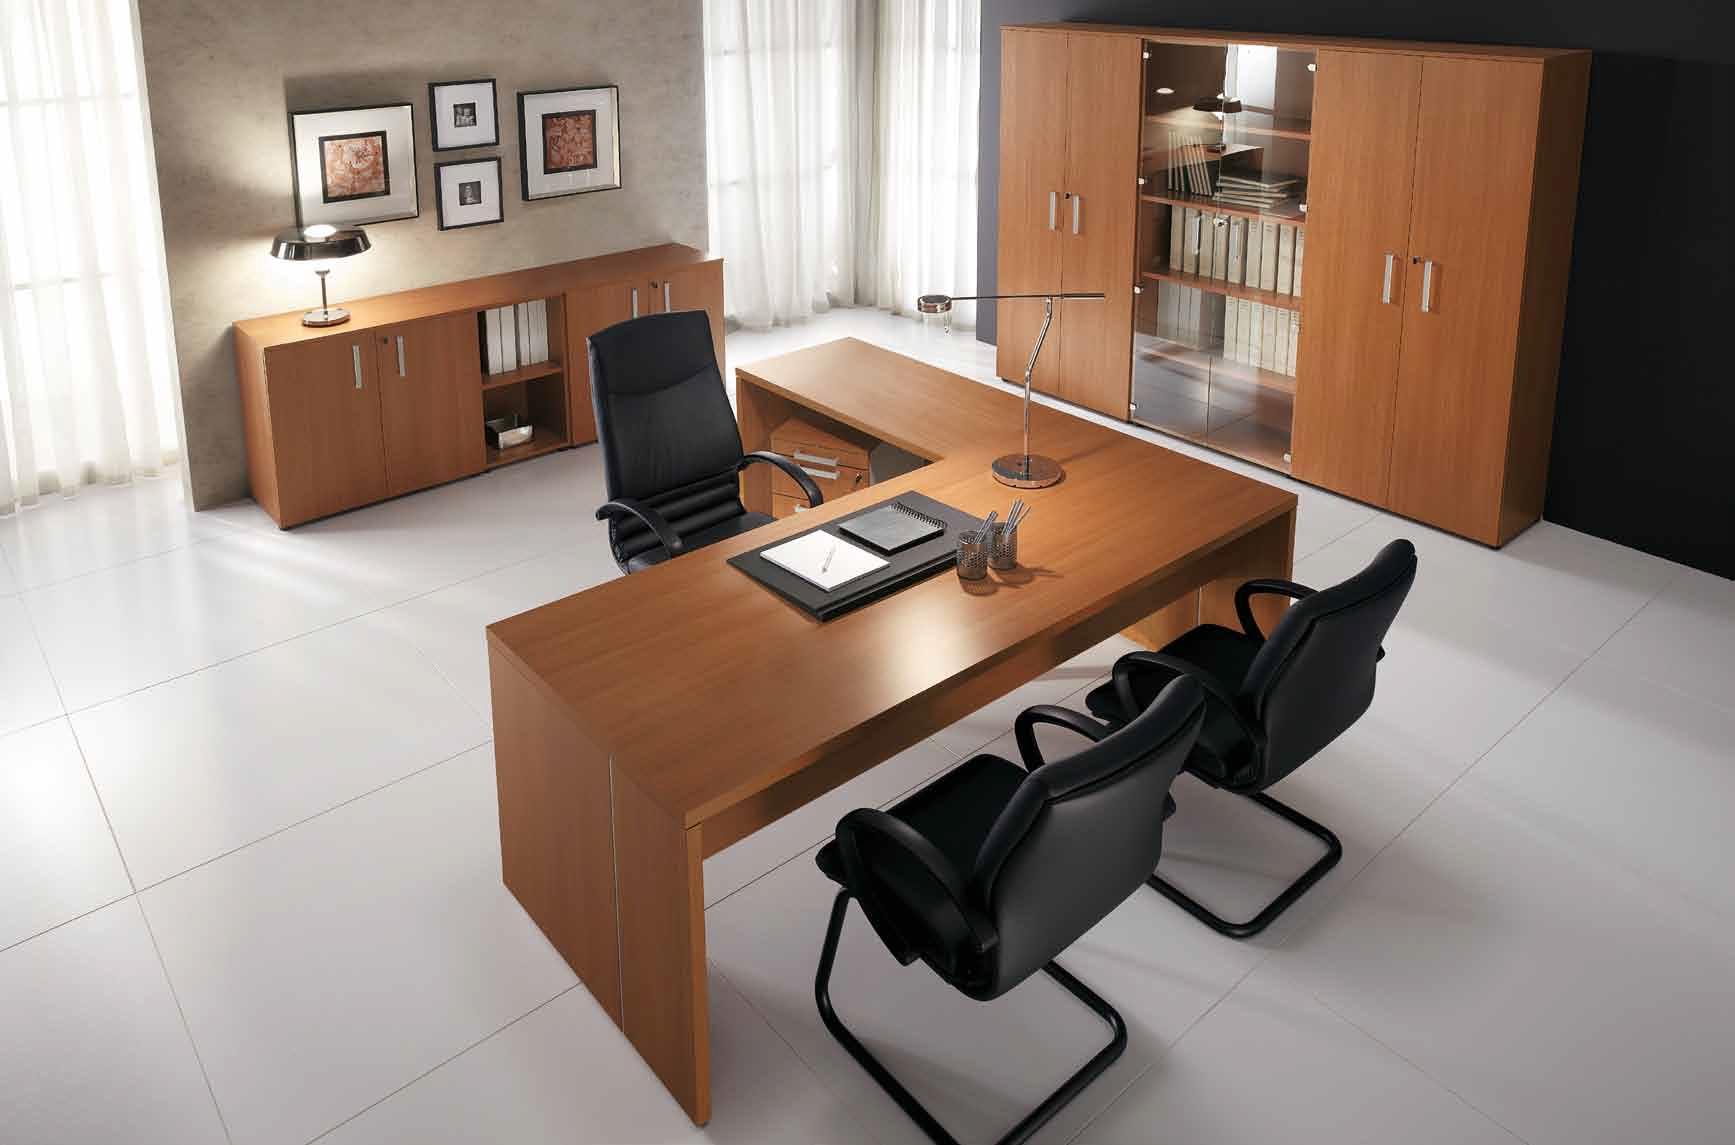 Bagni scavolini sogni arredamenti palermo arredamenti for Produttori mobili per ufficio